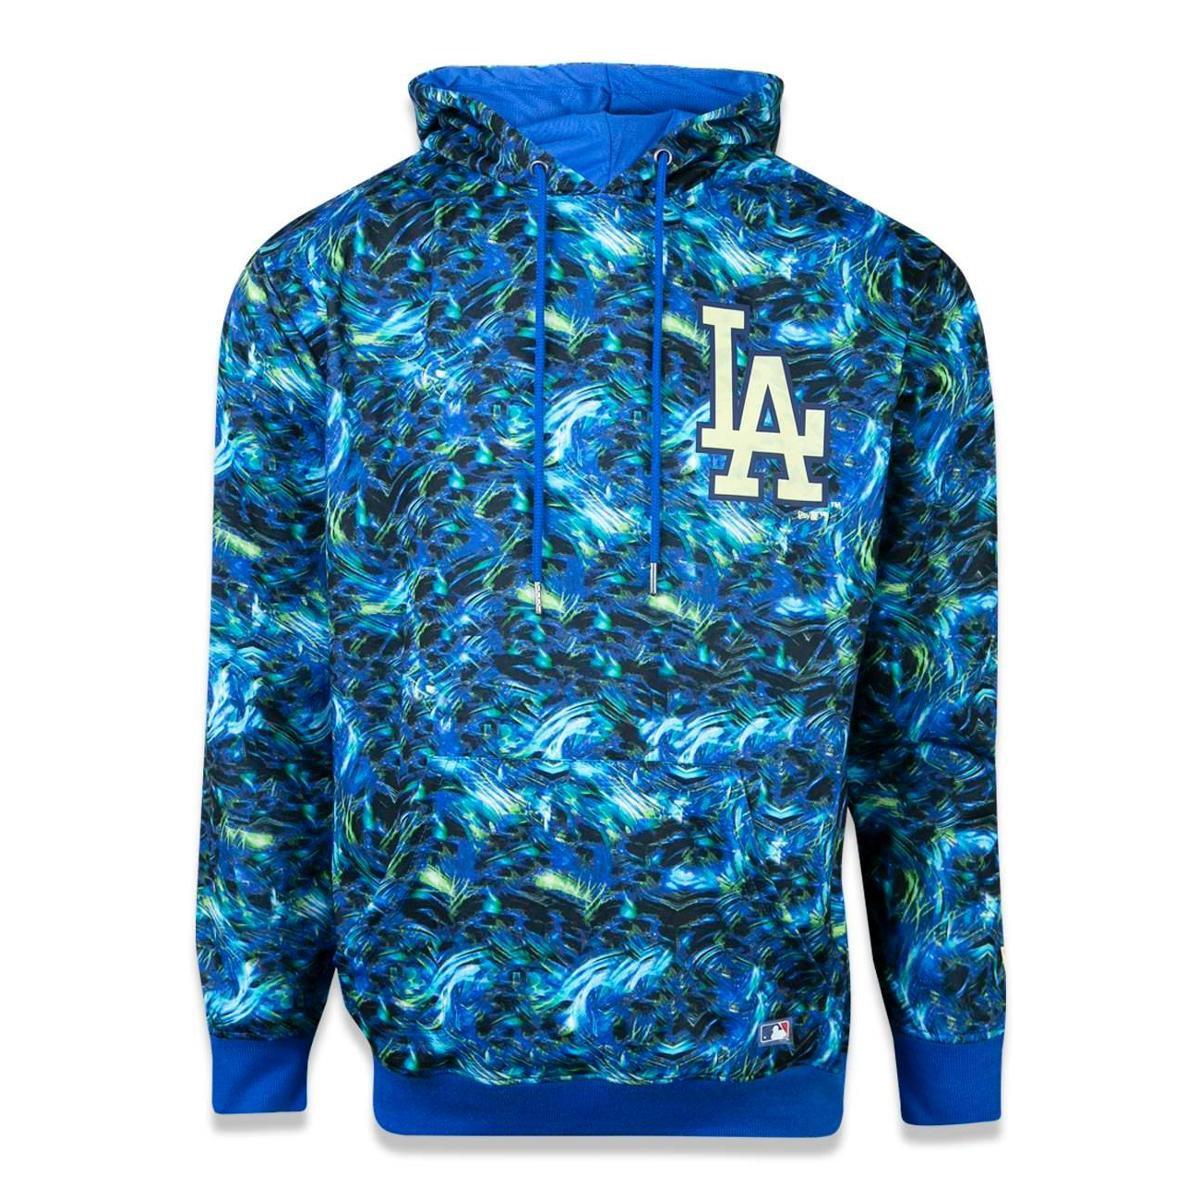 Moletom Canguru Fechado Los Angeles Dodgers MLB New Era - Azul Royal -  Compre Agora  838826c75d6